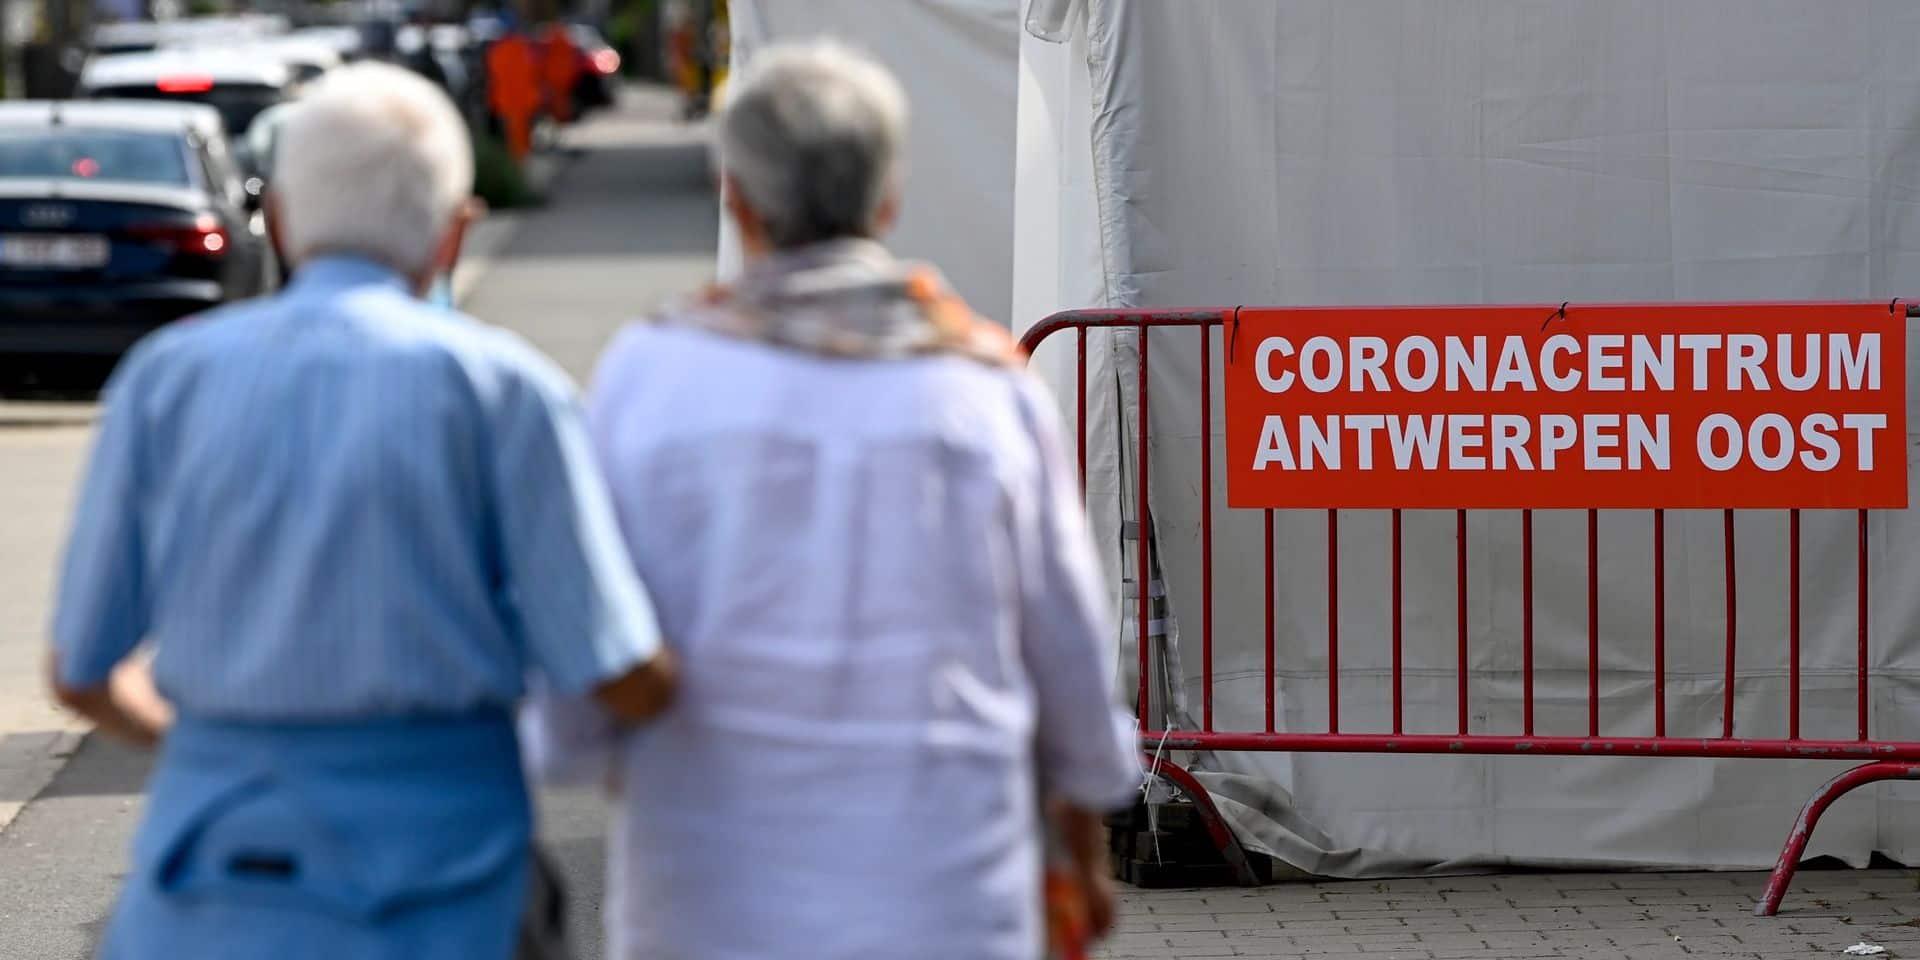 Le Covid-19 a déjà infecté 800.000 Belges, soit 7% de la population